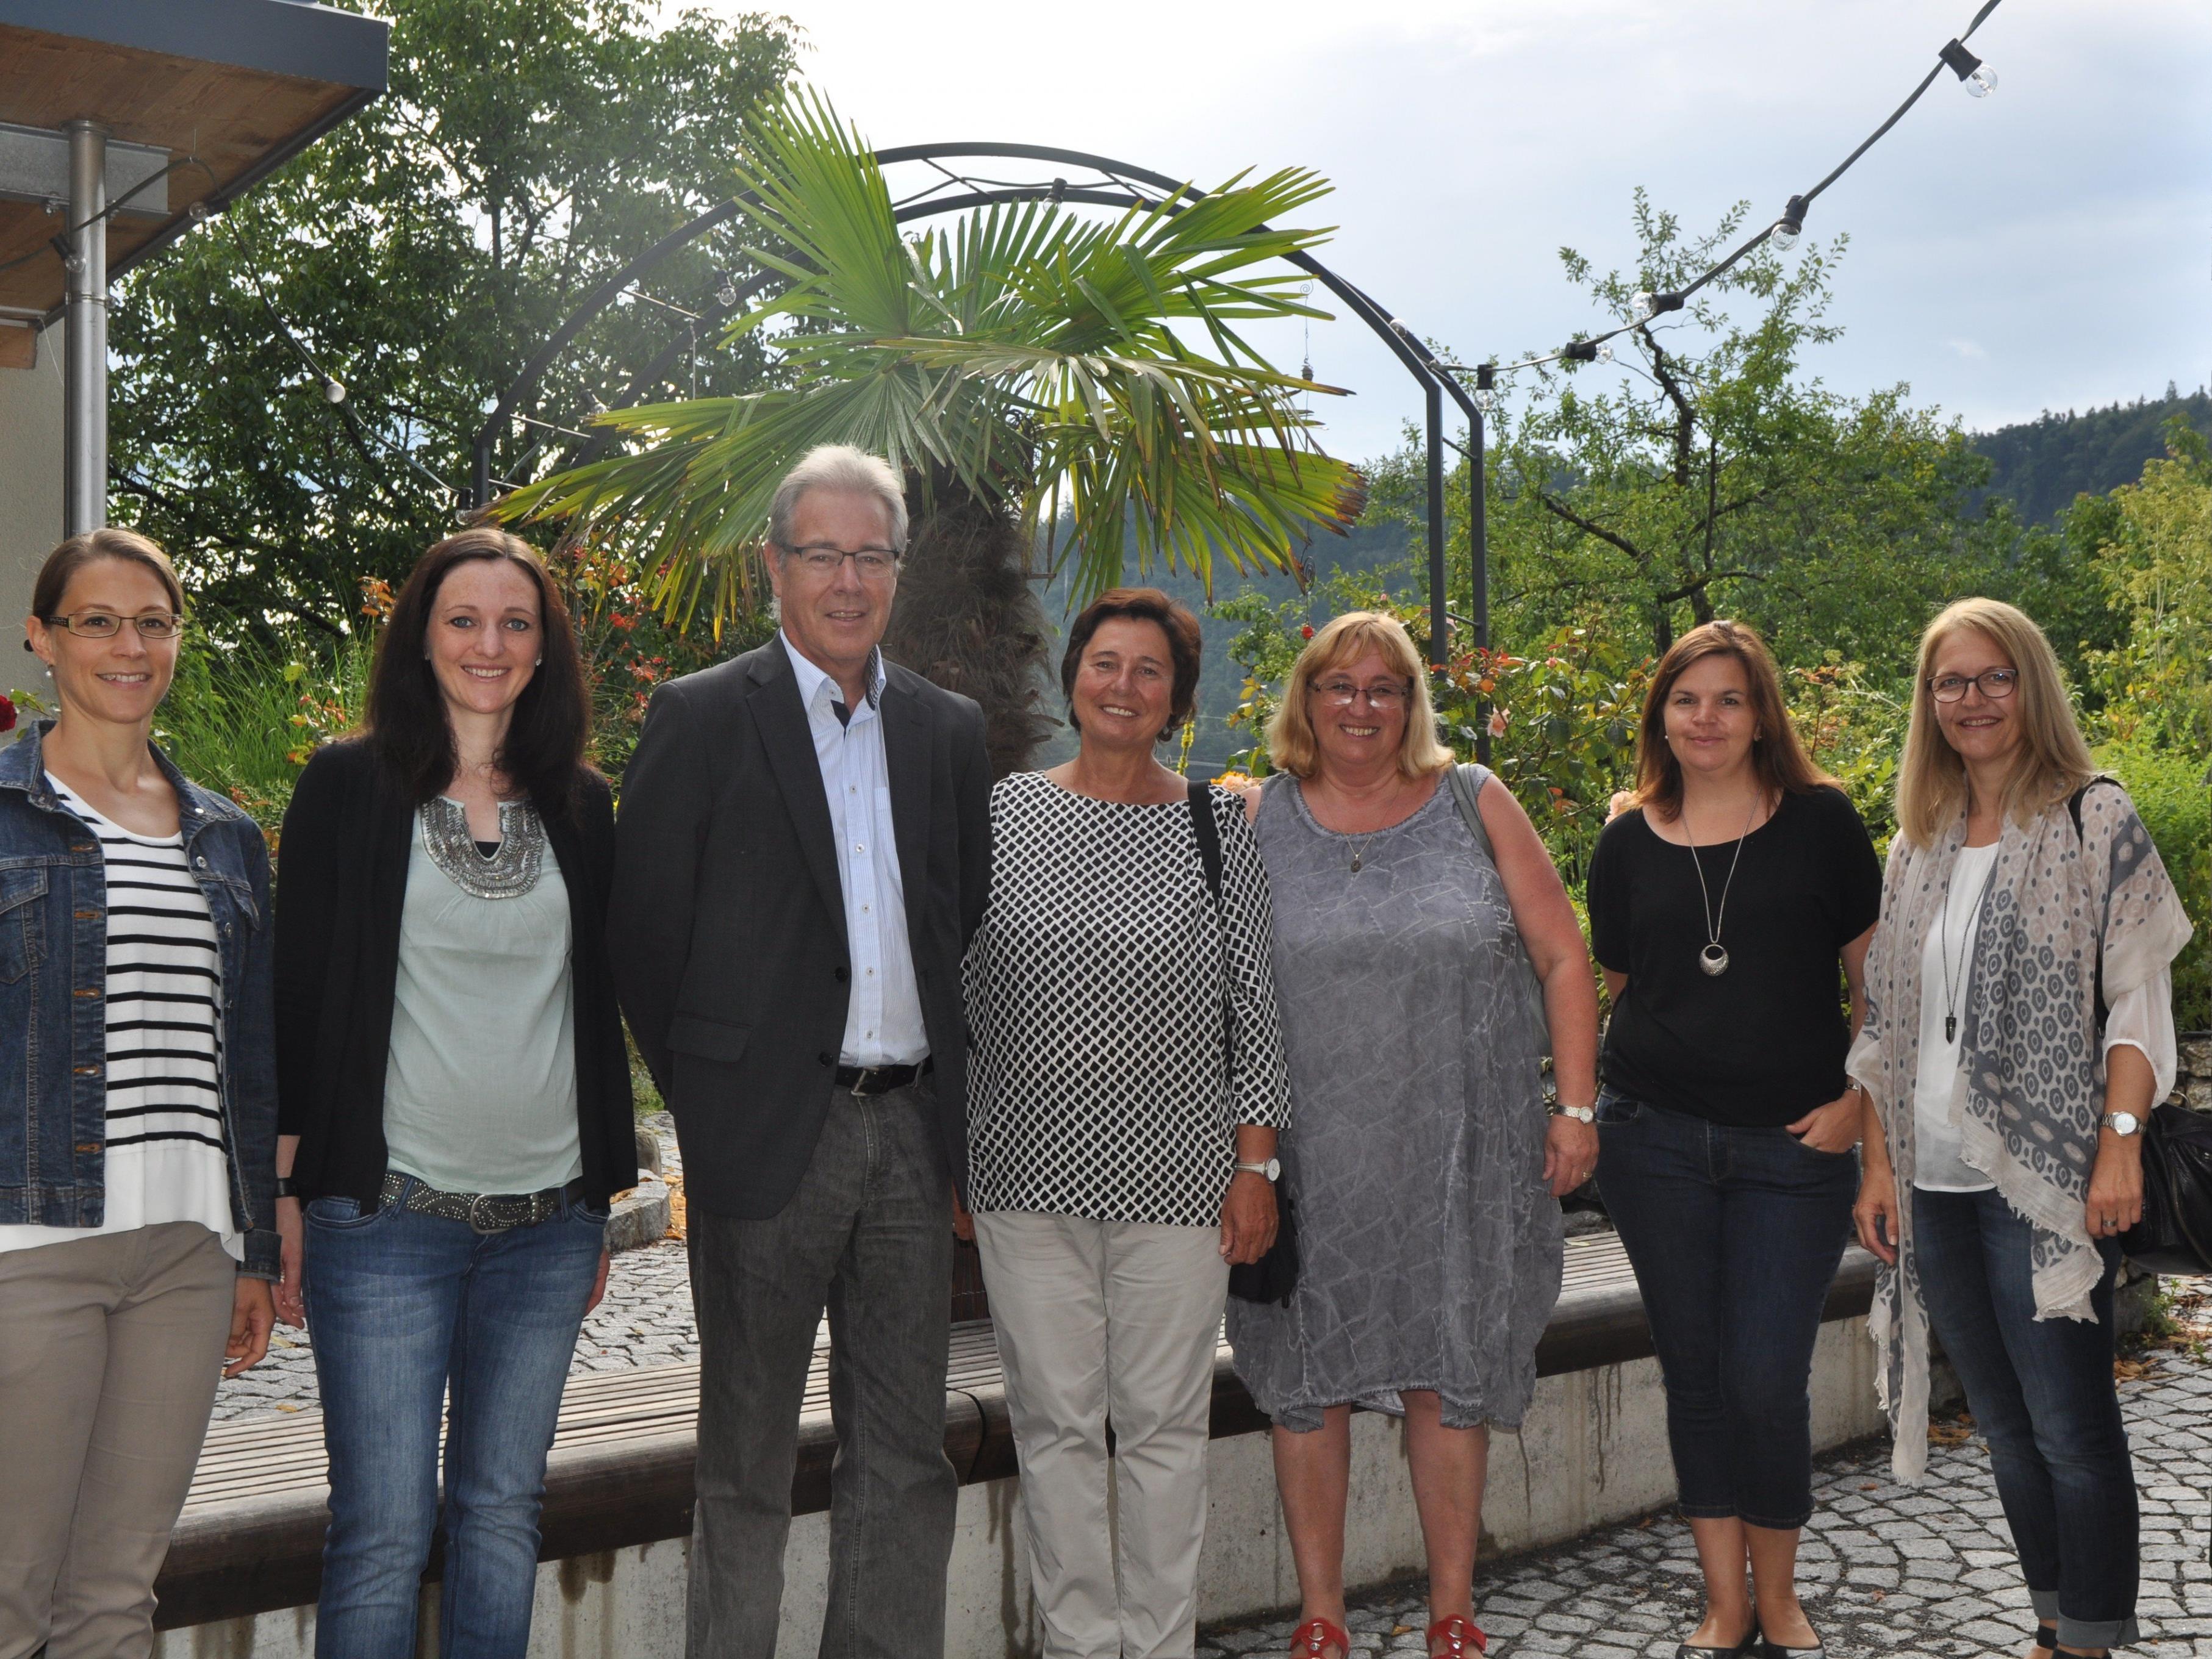 VS-Direktorin Magdalena Bromundt (Mitte) wurde in die Pension verabschiedet.